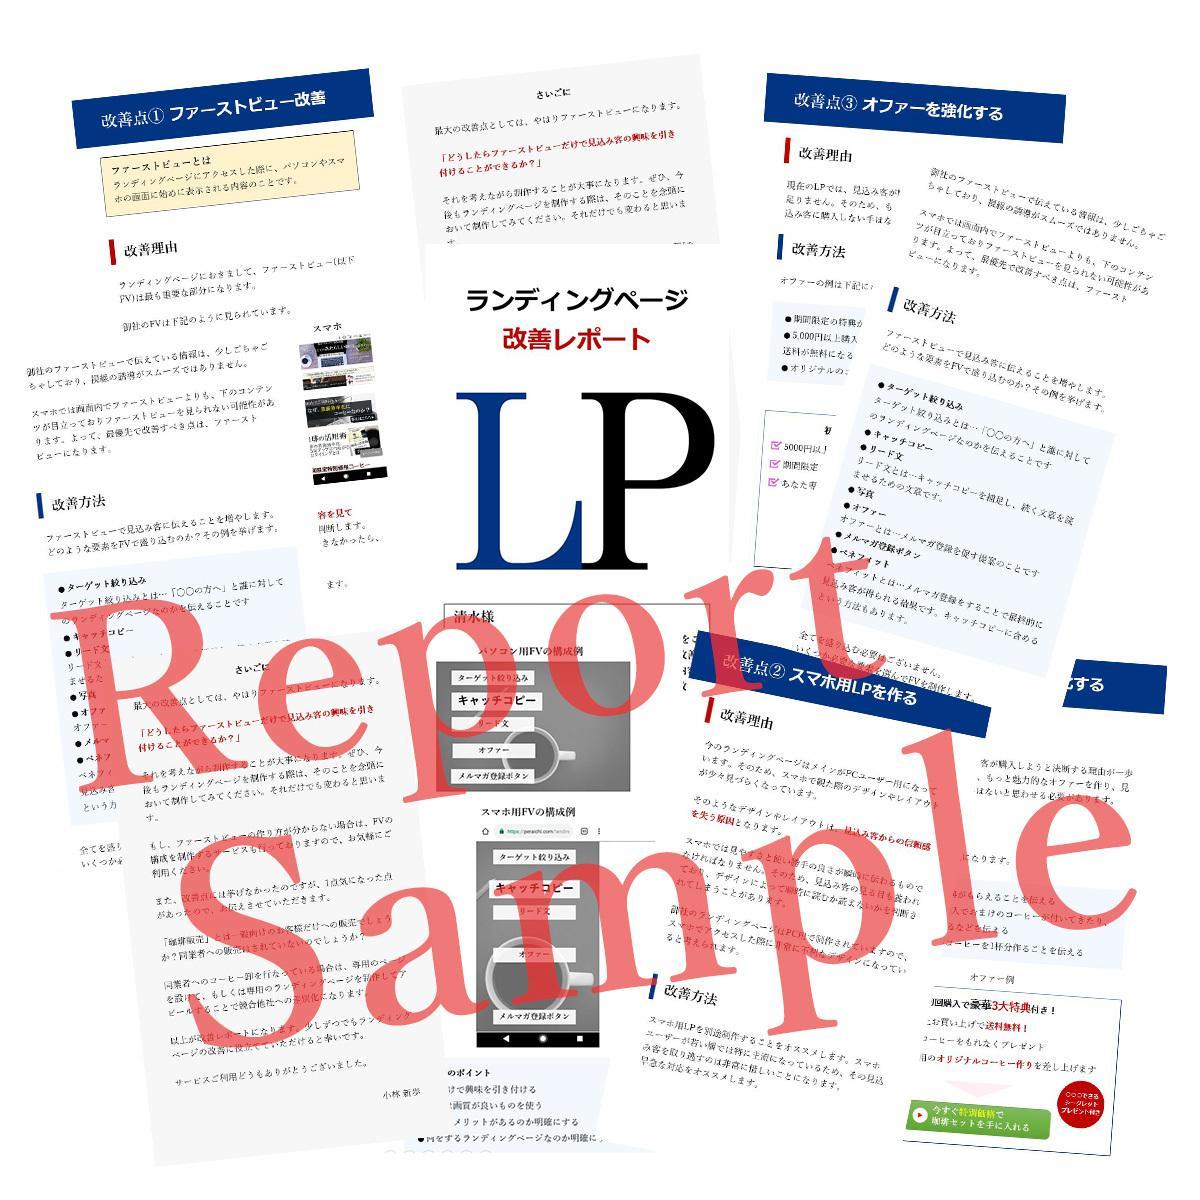 ランディングページのコンバージョン率改善提案します LP制作14年の経験から既存LPの改善点をレポート提出します